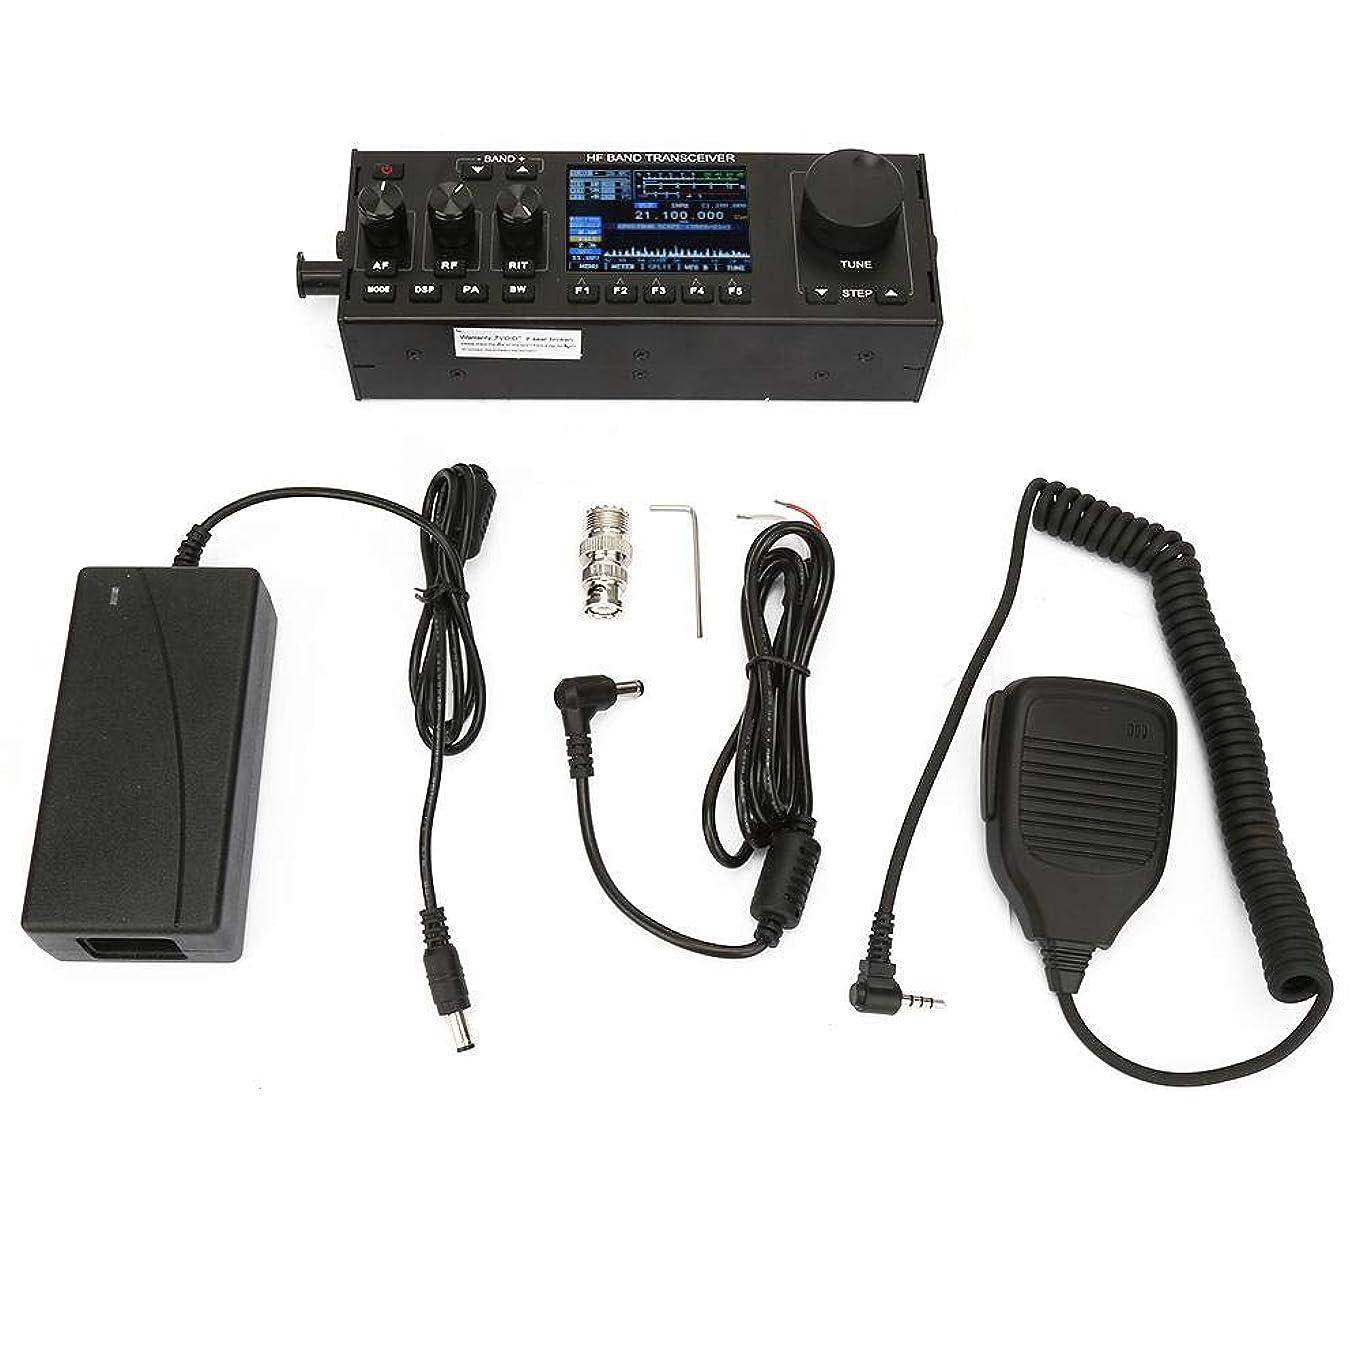 バケツ余韻ブレスTiktok HF SDRトランシーバ 短波ラジオ 10W QRPハムラジオ RS-918